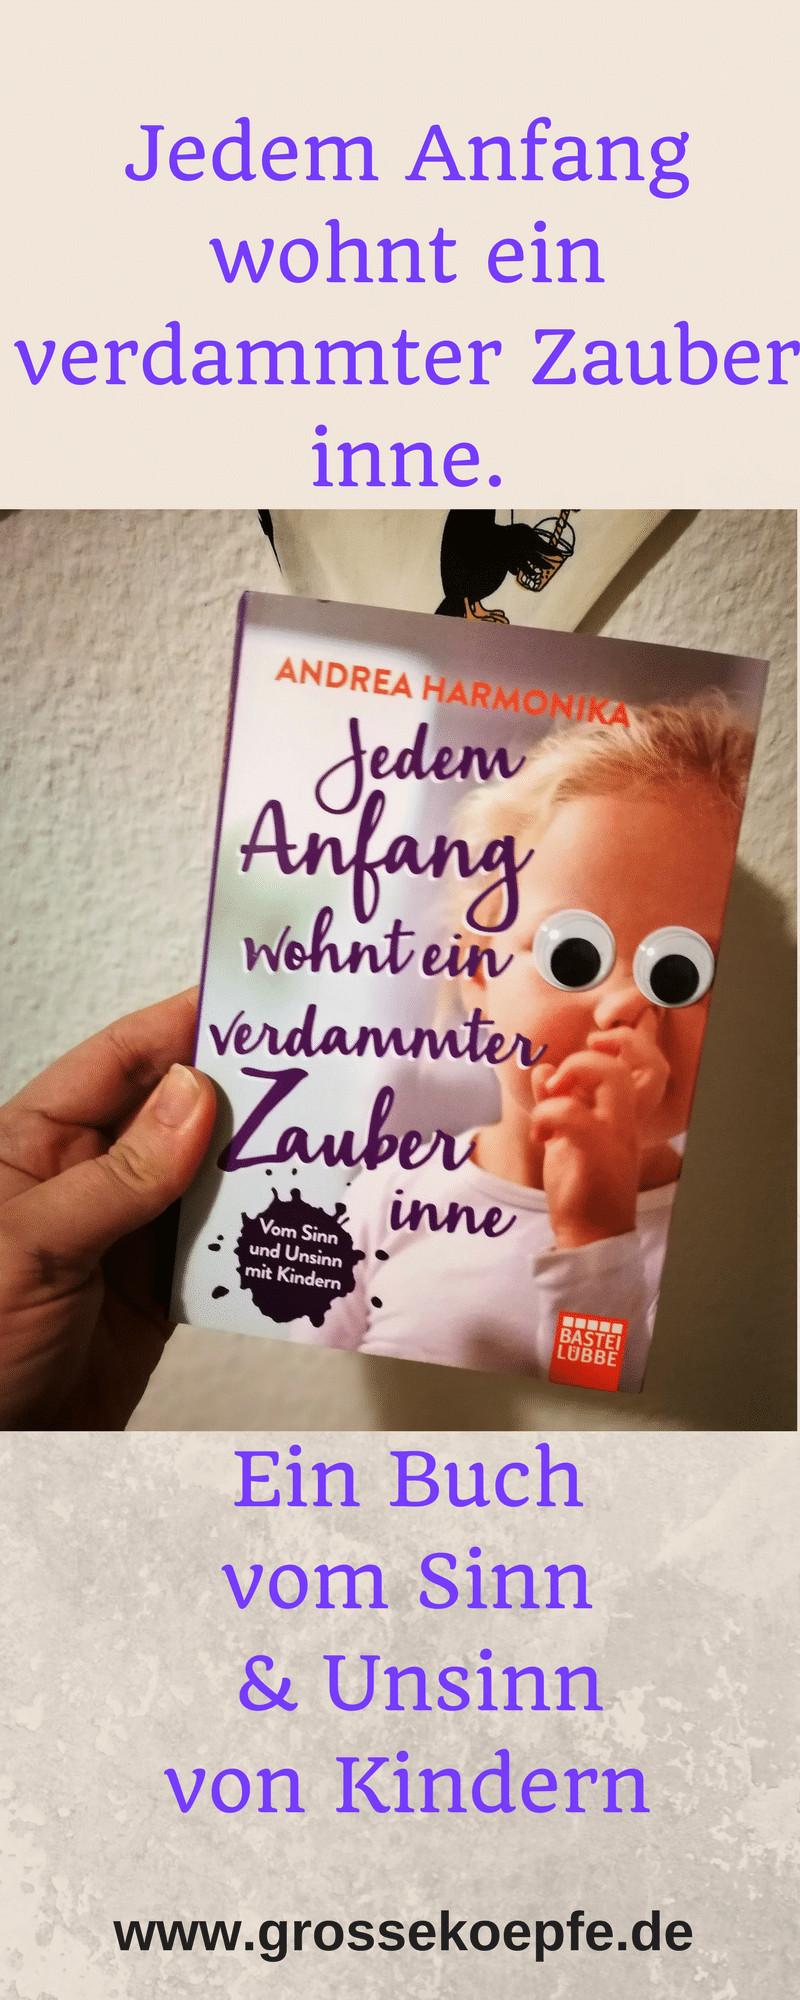 Andrea Harmonika